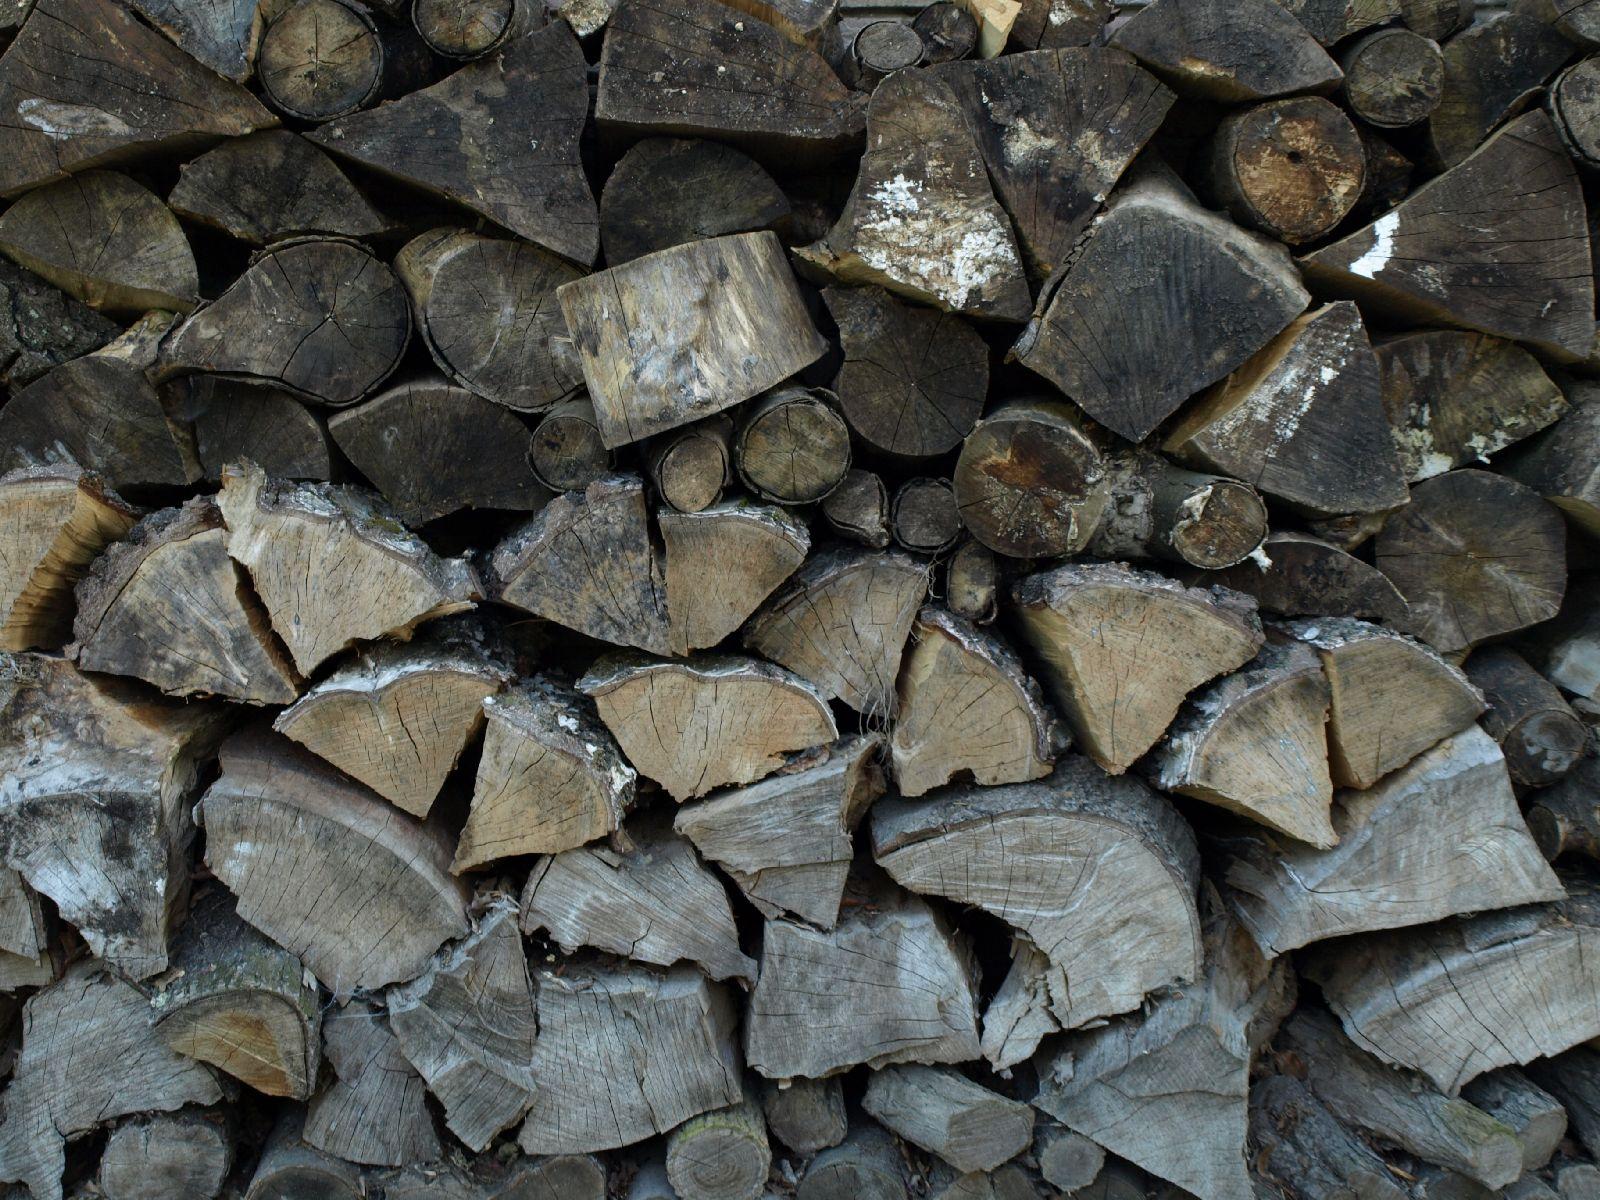 Holz_Textur_A_P5112642